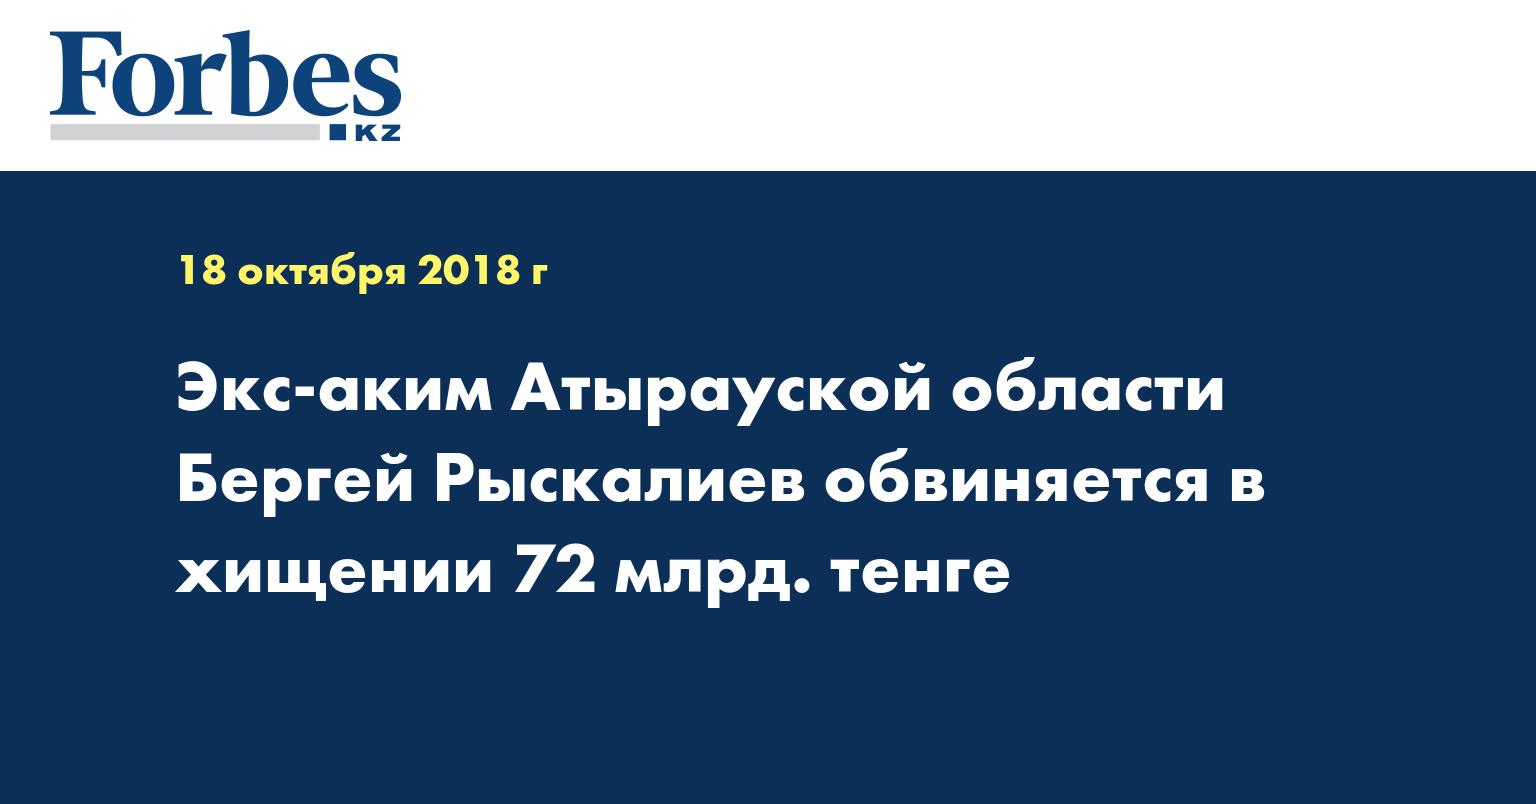 Экс-аким Атырауской области Бергей Рыскалиев обвиняется в хищении 72 млрд. тенге